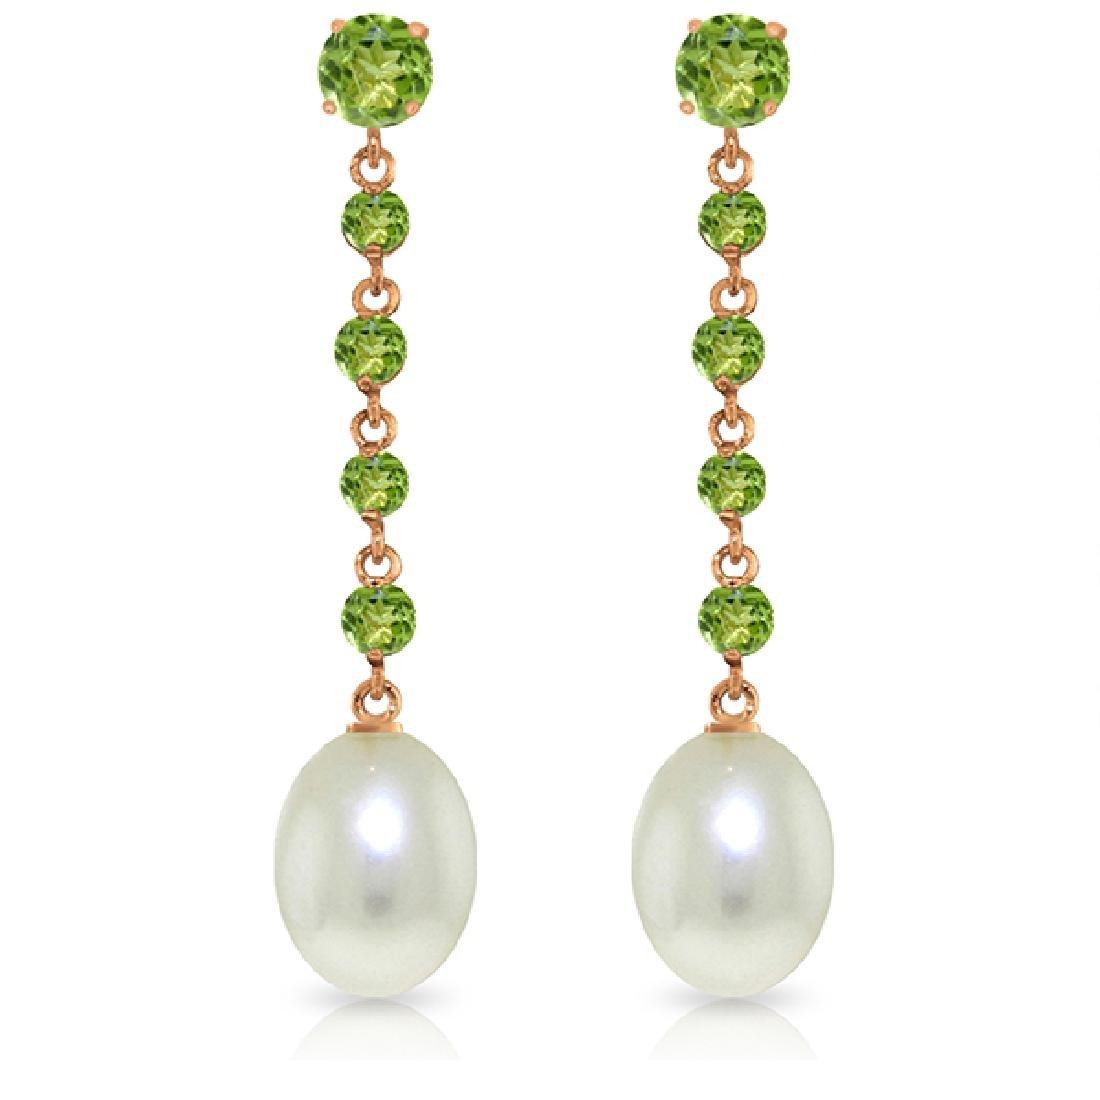 Genuine 10 ctw Peridot & Pearl Earrings Jewelry 14KT